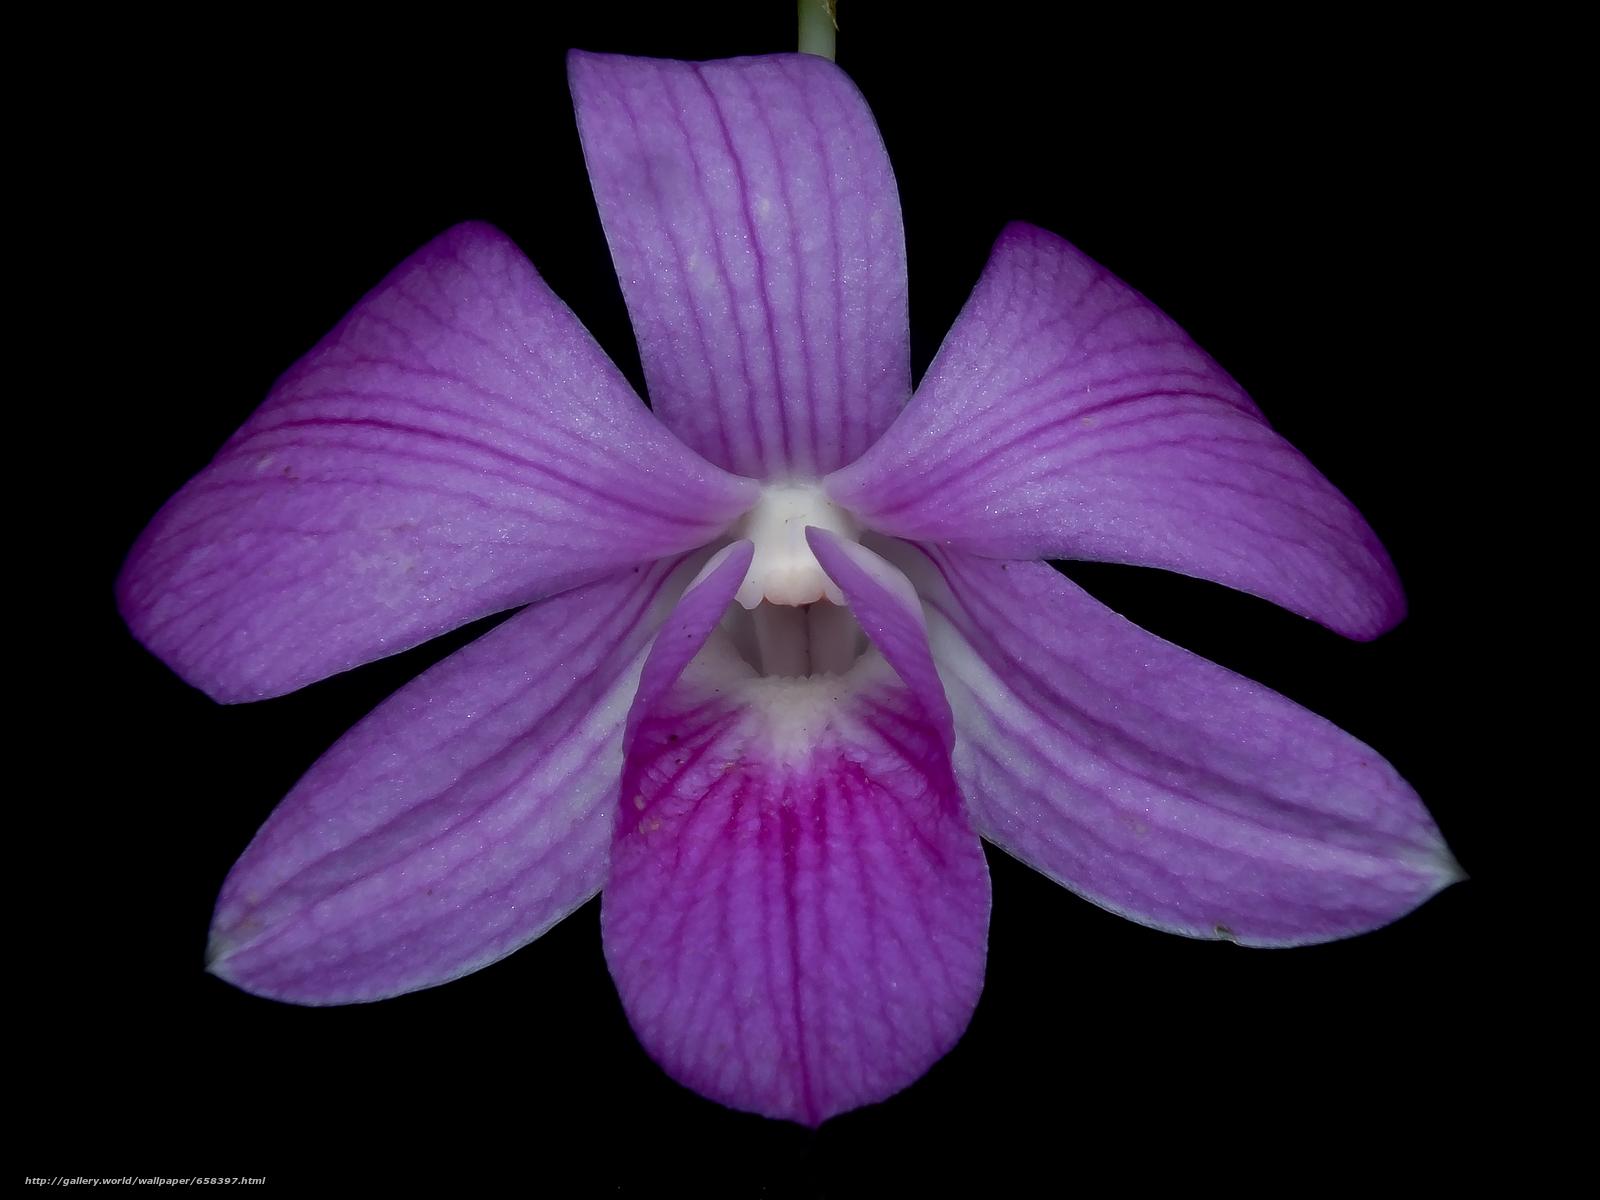 Tlcharger Fond d'ecran fleur,  Fleurs,  flore Fonds d'ecran gratuits pour votre rsolution du bureau 4608x3456 — image №658397